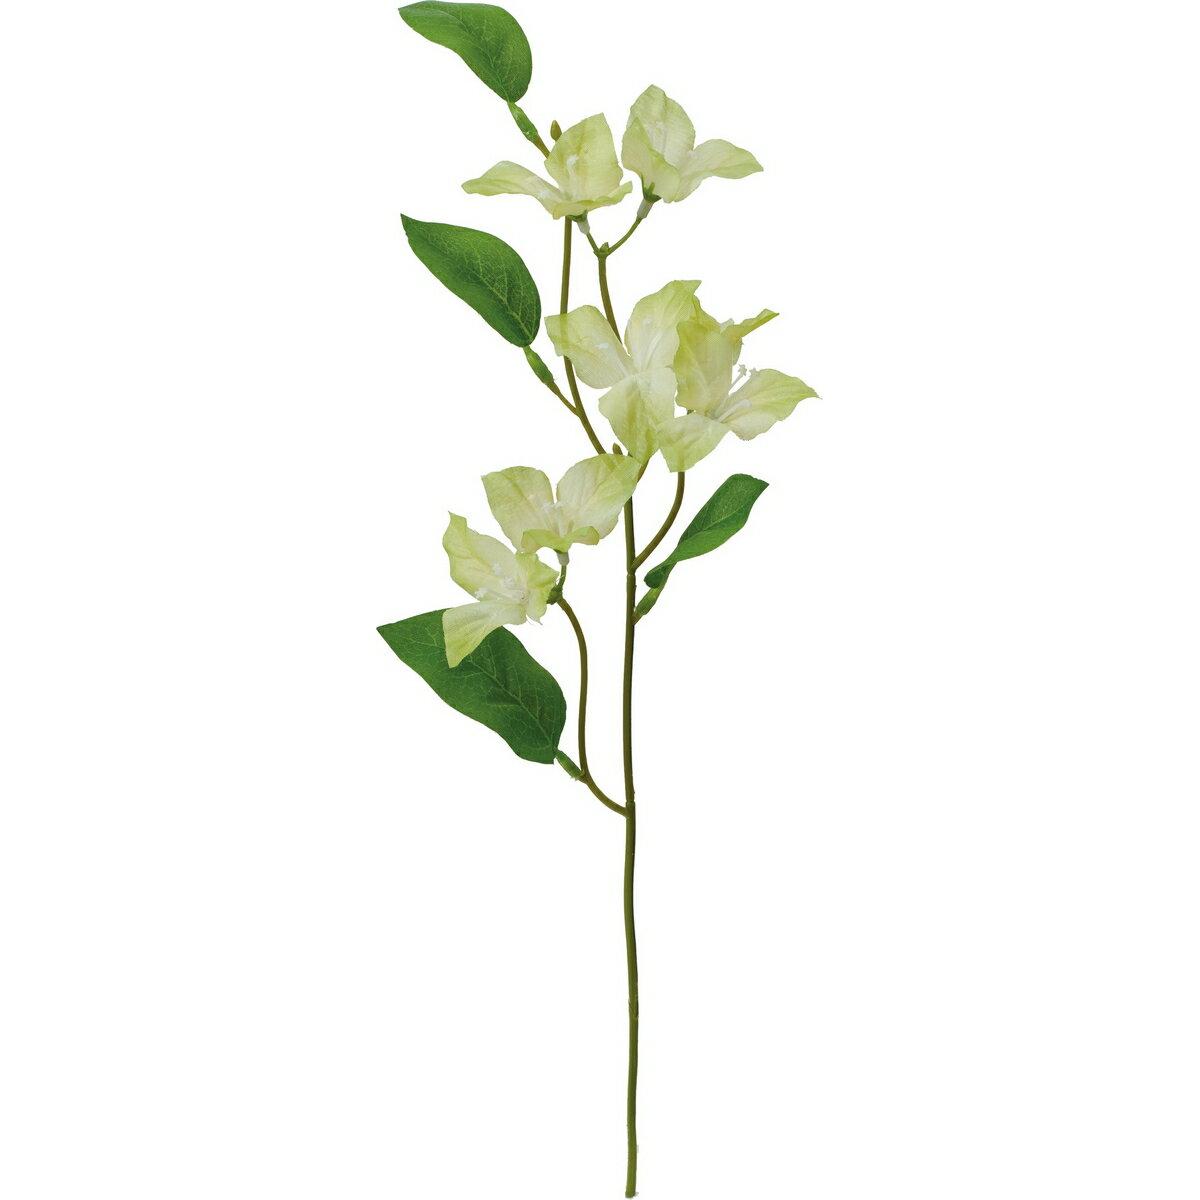 【造花】YDM/ブーゲンビリア グリーン/FS8265-GR【01】【取寄】《 造花(アーティフィシャルフラワー) 造花 花材「は行」 ブーゲンビリア 》